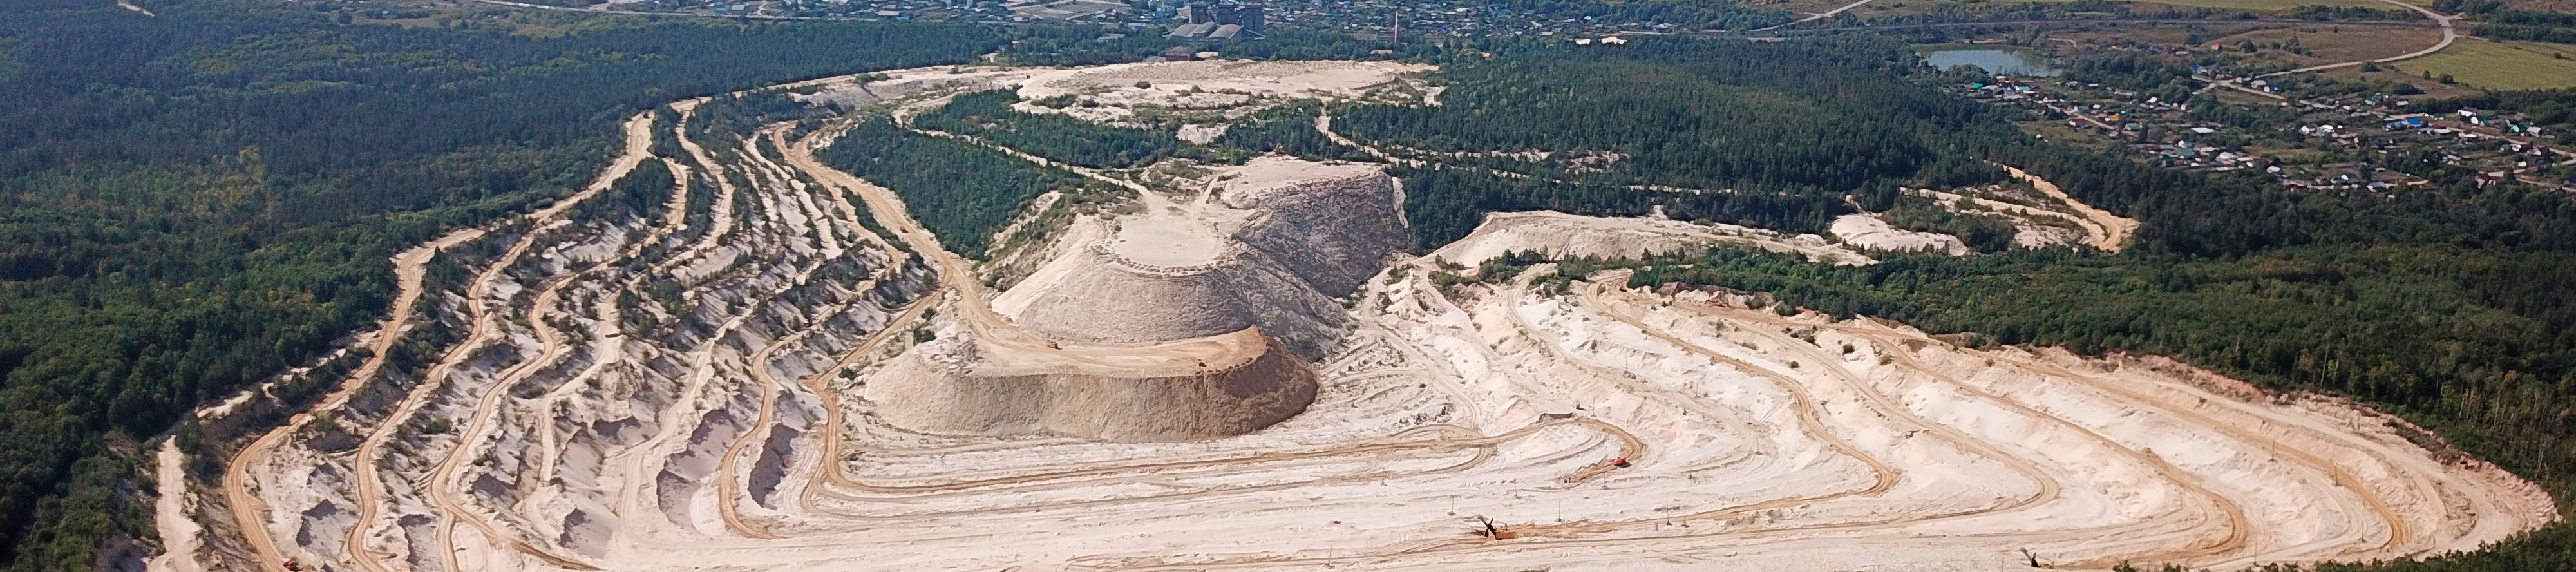 ГОК Кварцверке Балашейские пески